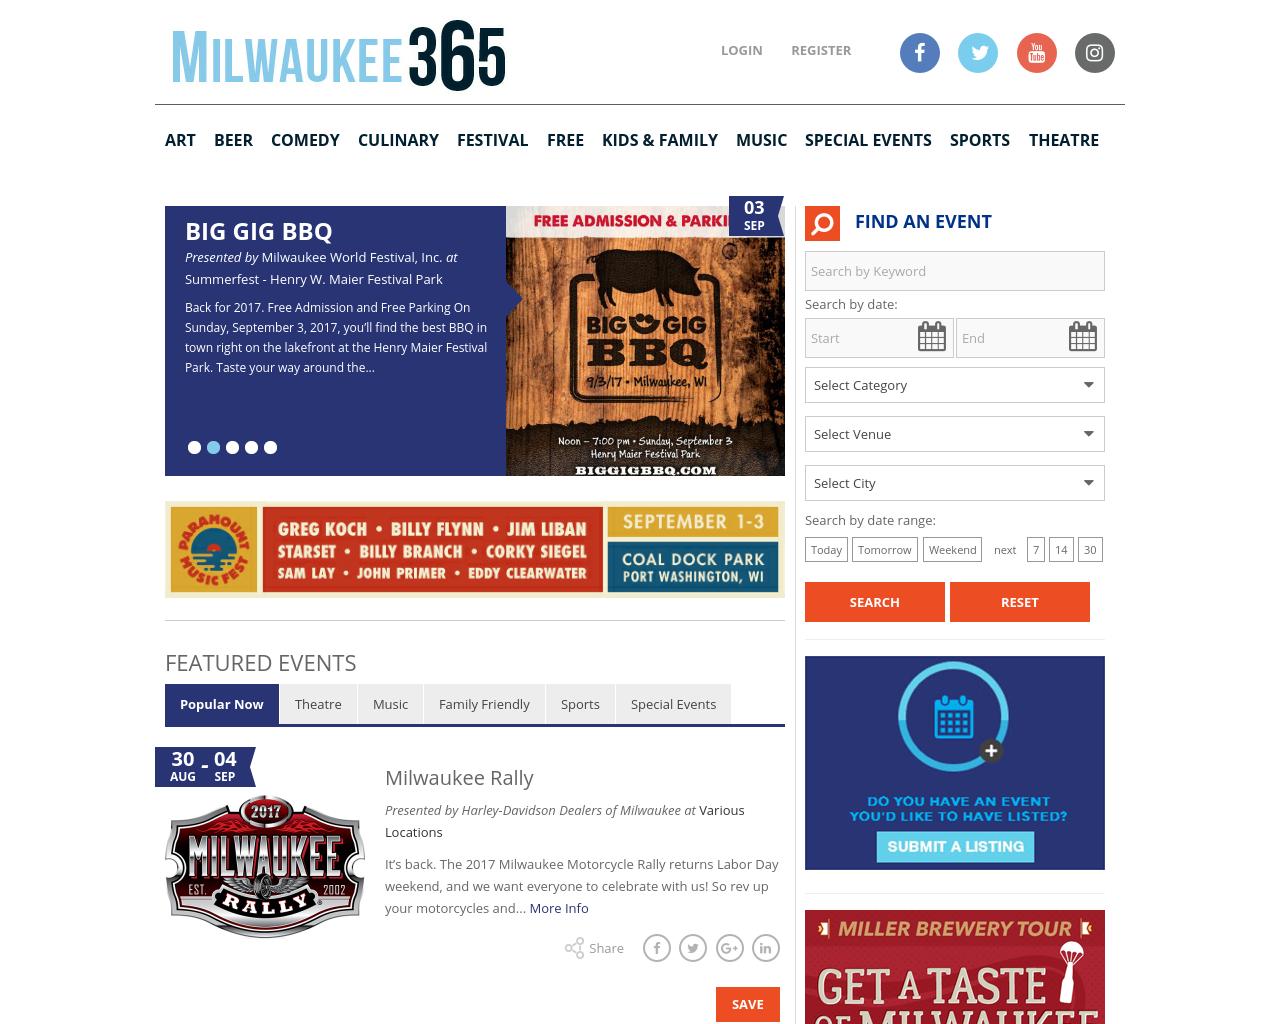 Milwaukee-365-Advertising-Reviews-Pricing